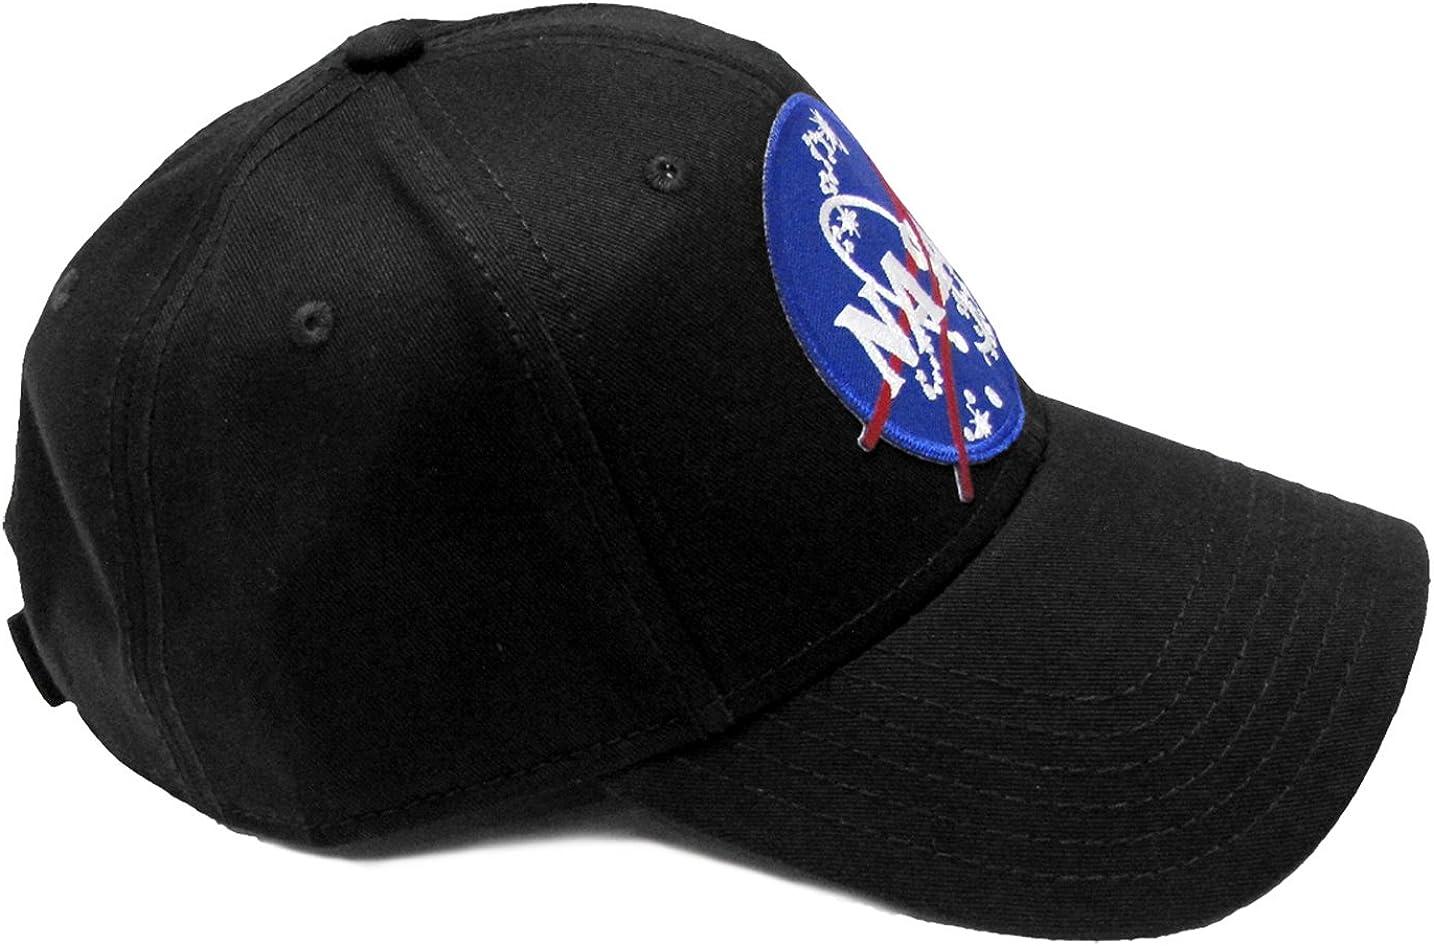 Project T NASA Official Emblem Insignia logo patch trucker mesh back caps hats